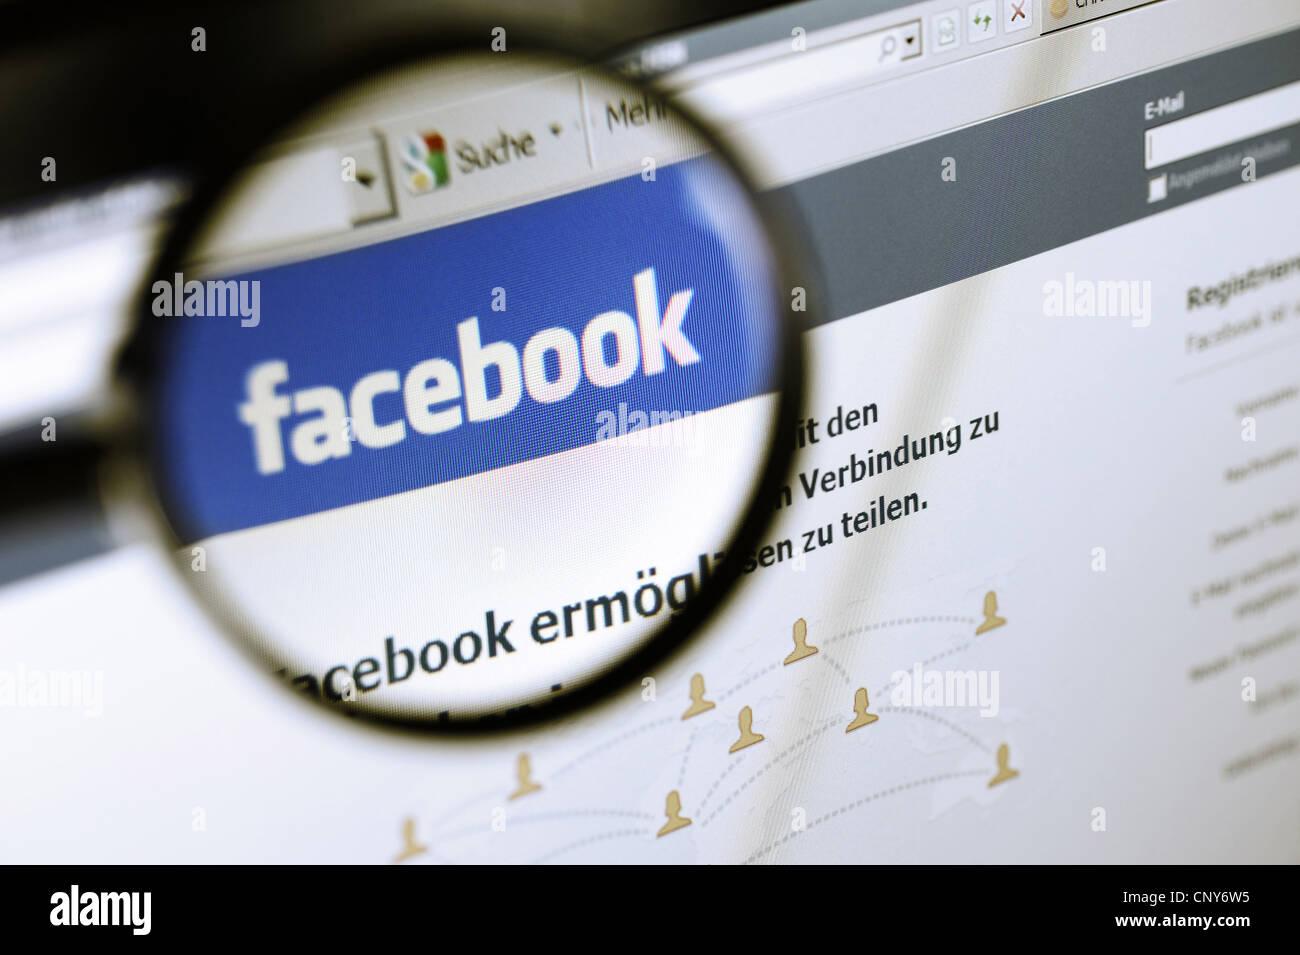 das Facebook-Logo unter der Lupe als Symbol für die Plattform rechtlich zweifelhaften Umgang mit privaten Daten Stockbild